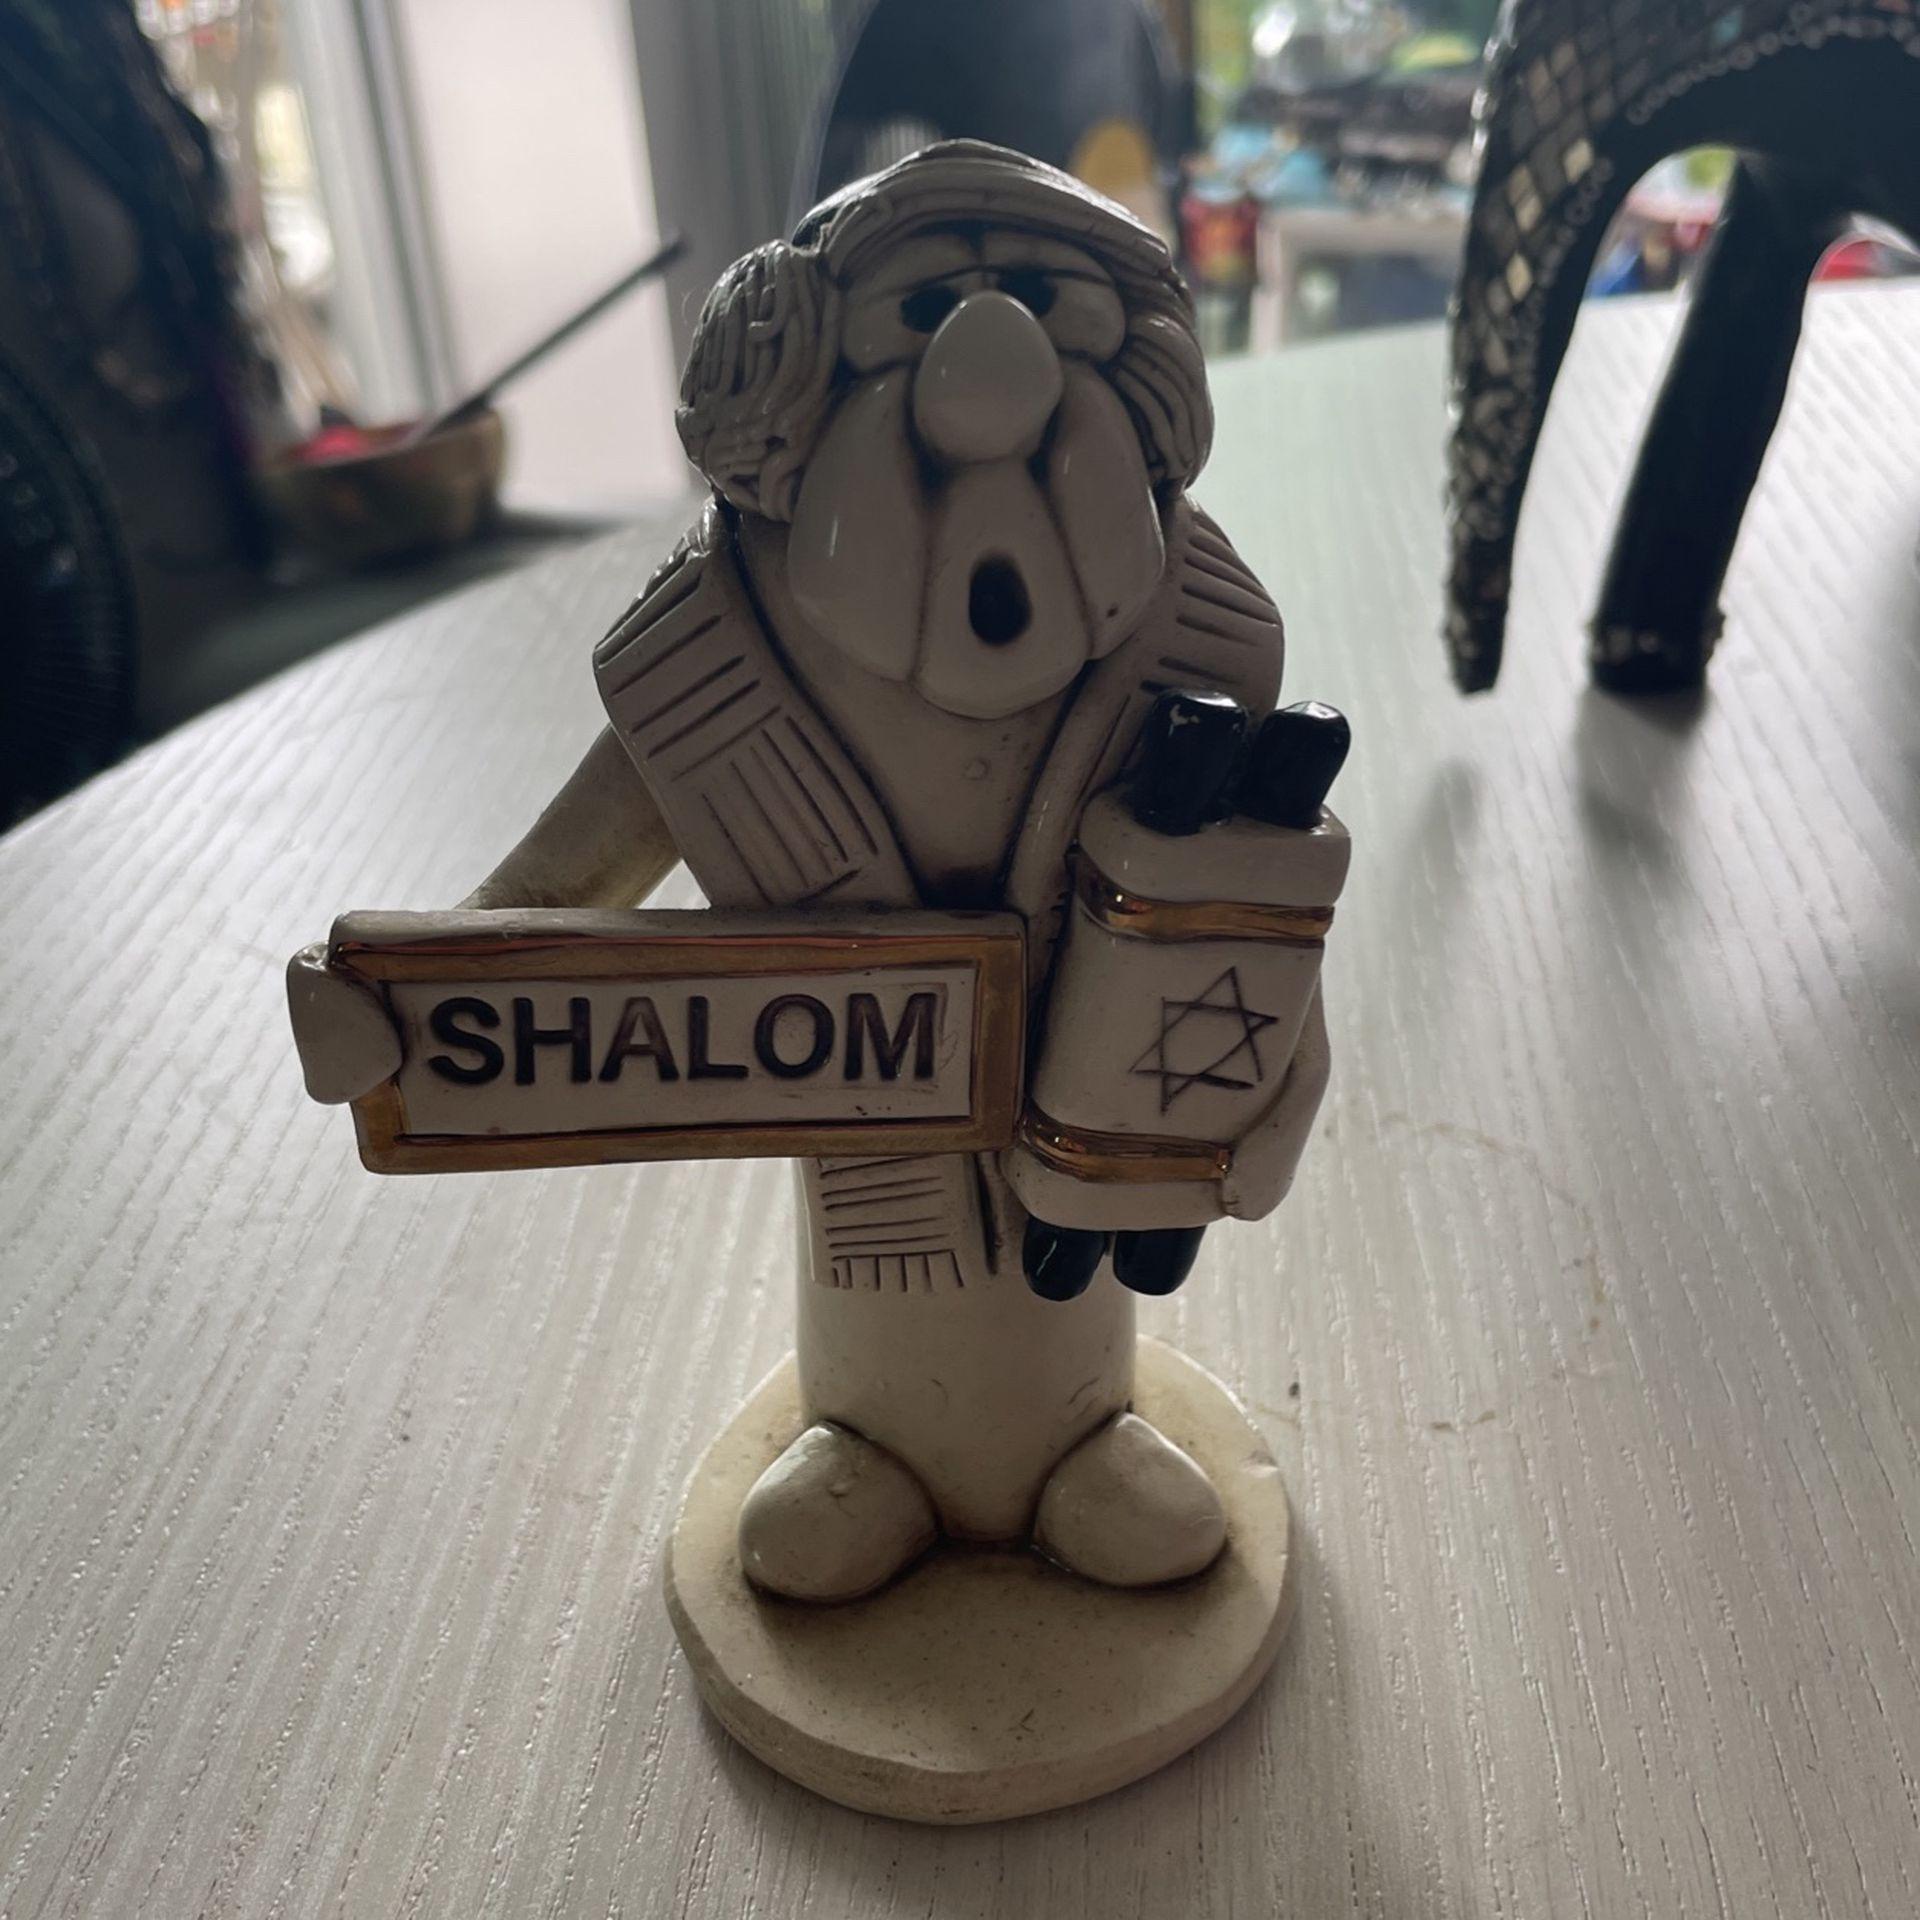 Shalom Item